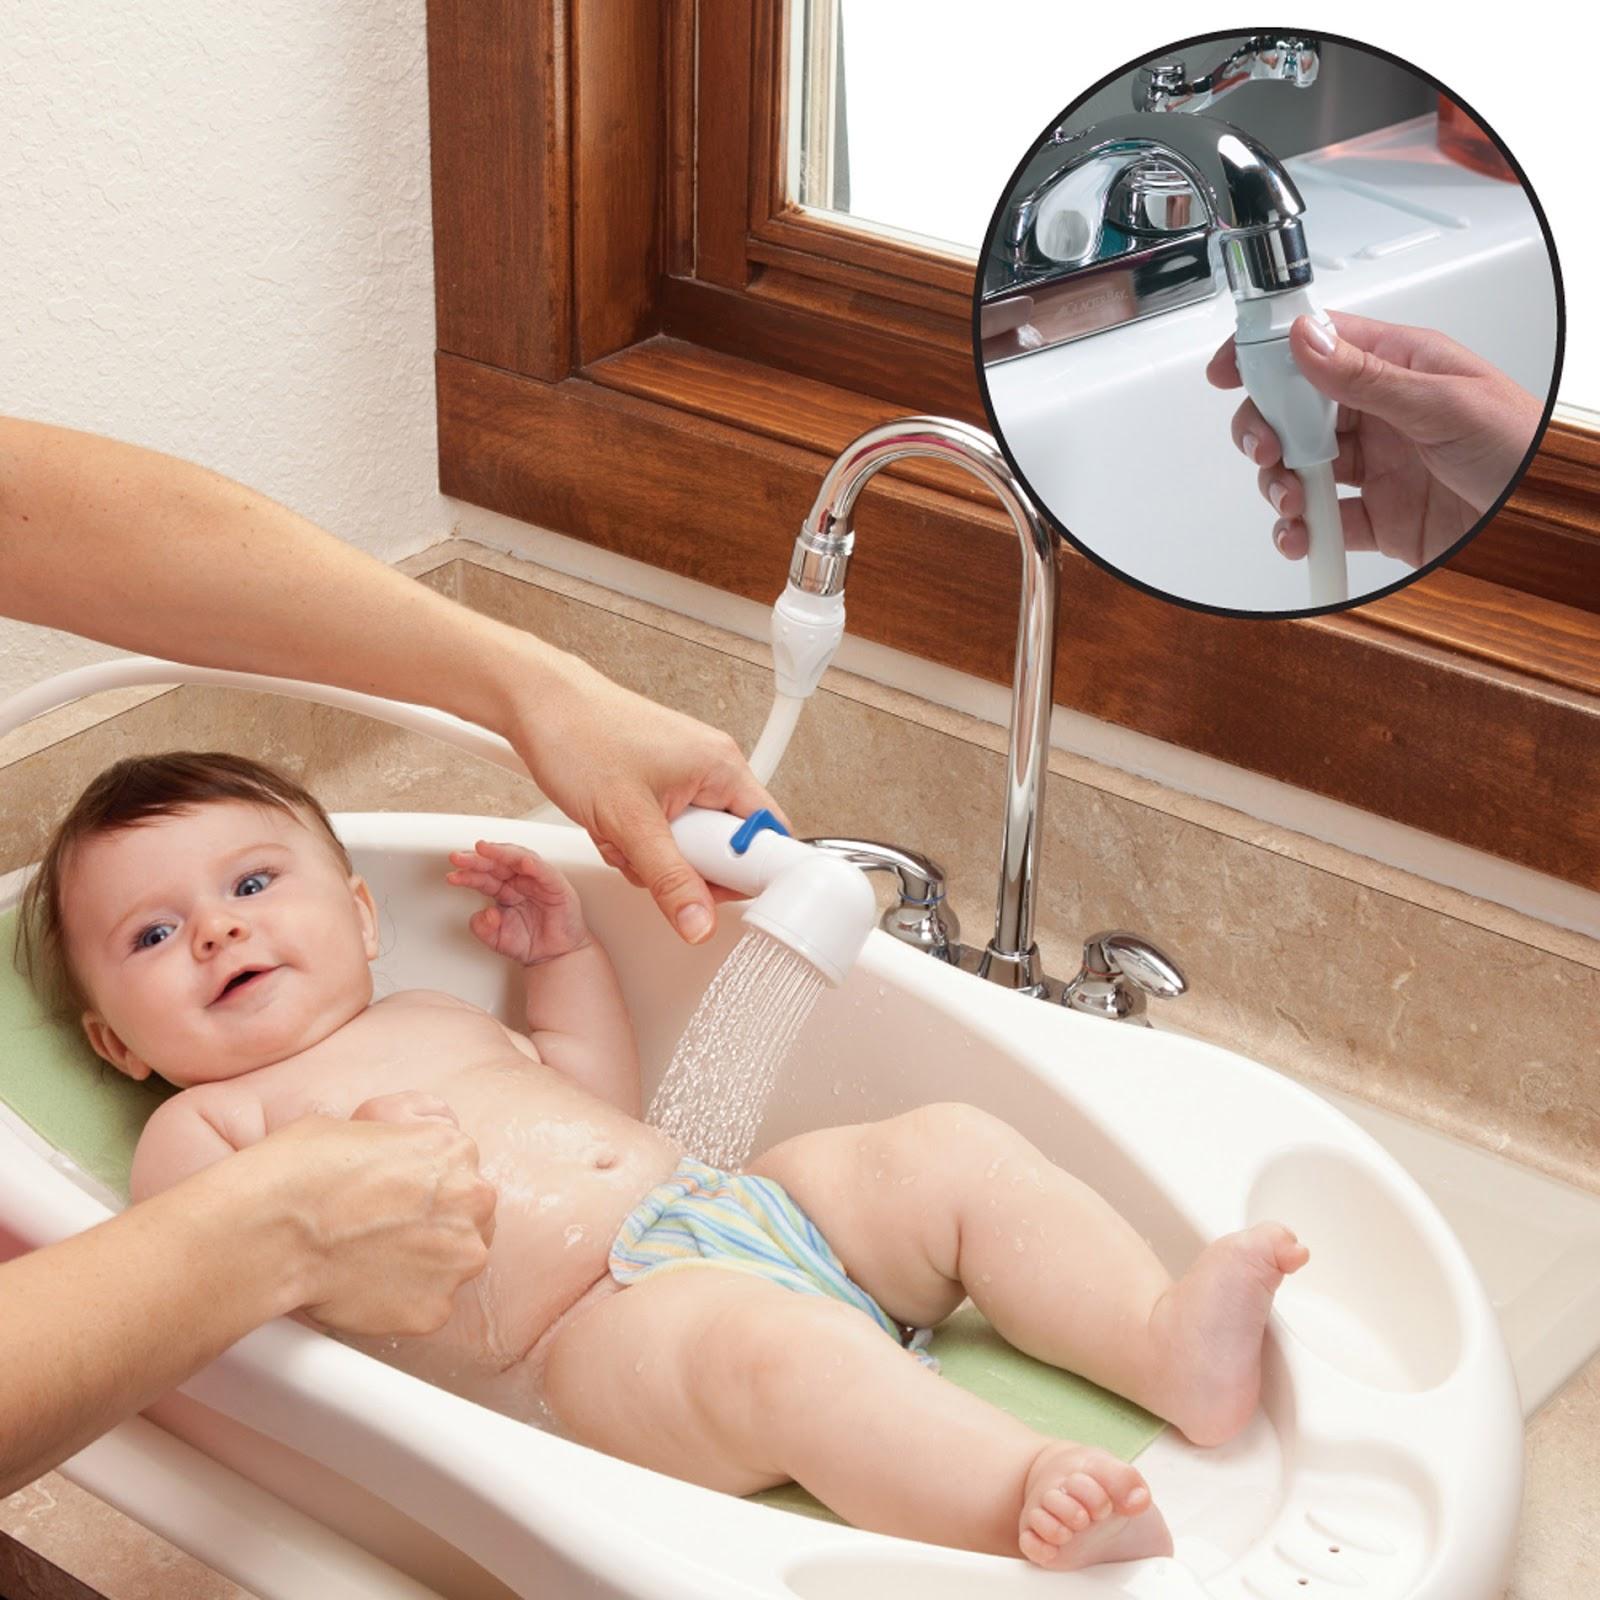 Kitchen Faucet To Garden Hose Adapter Um Brasileiro Na Terra Do Tio Sam Banho De Beb 234 Na Pia Da